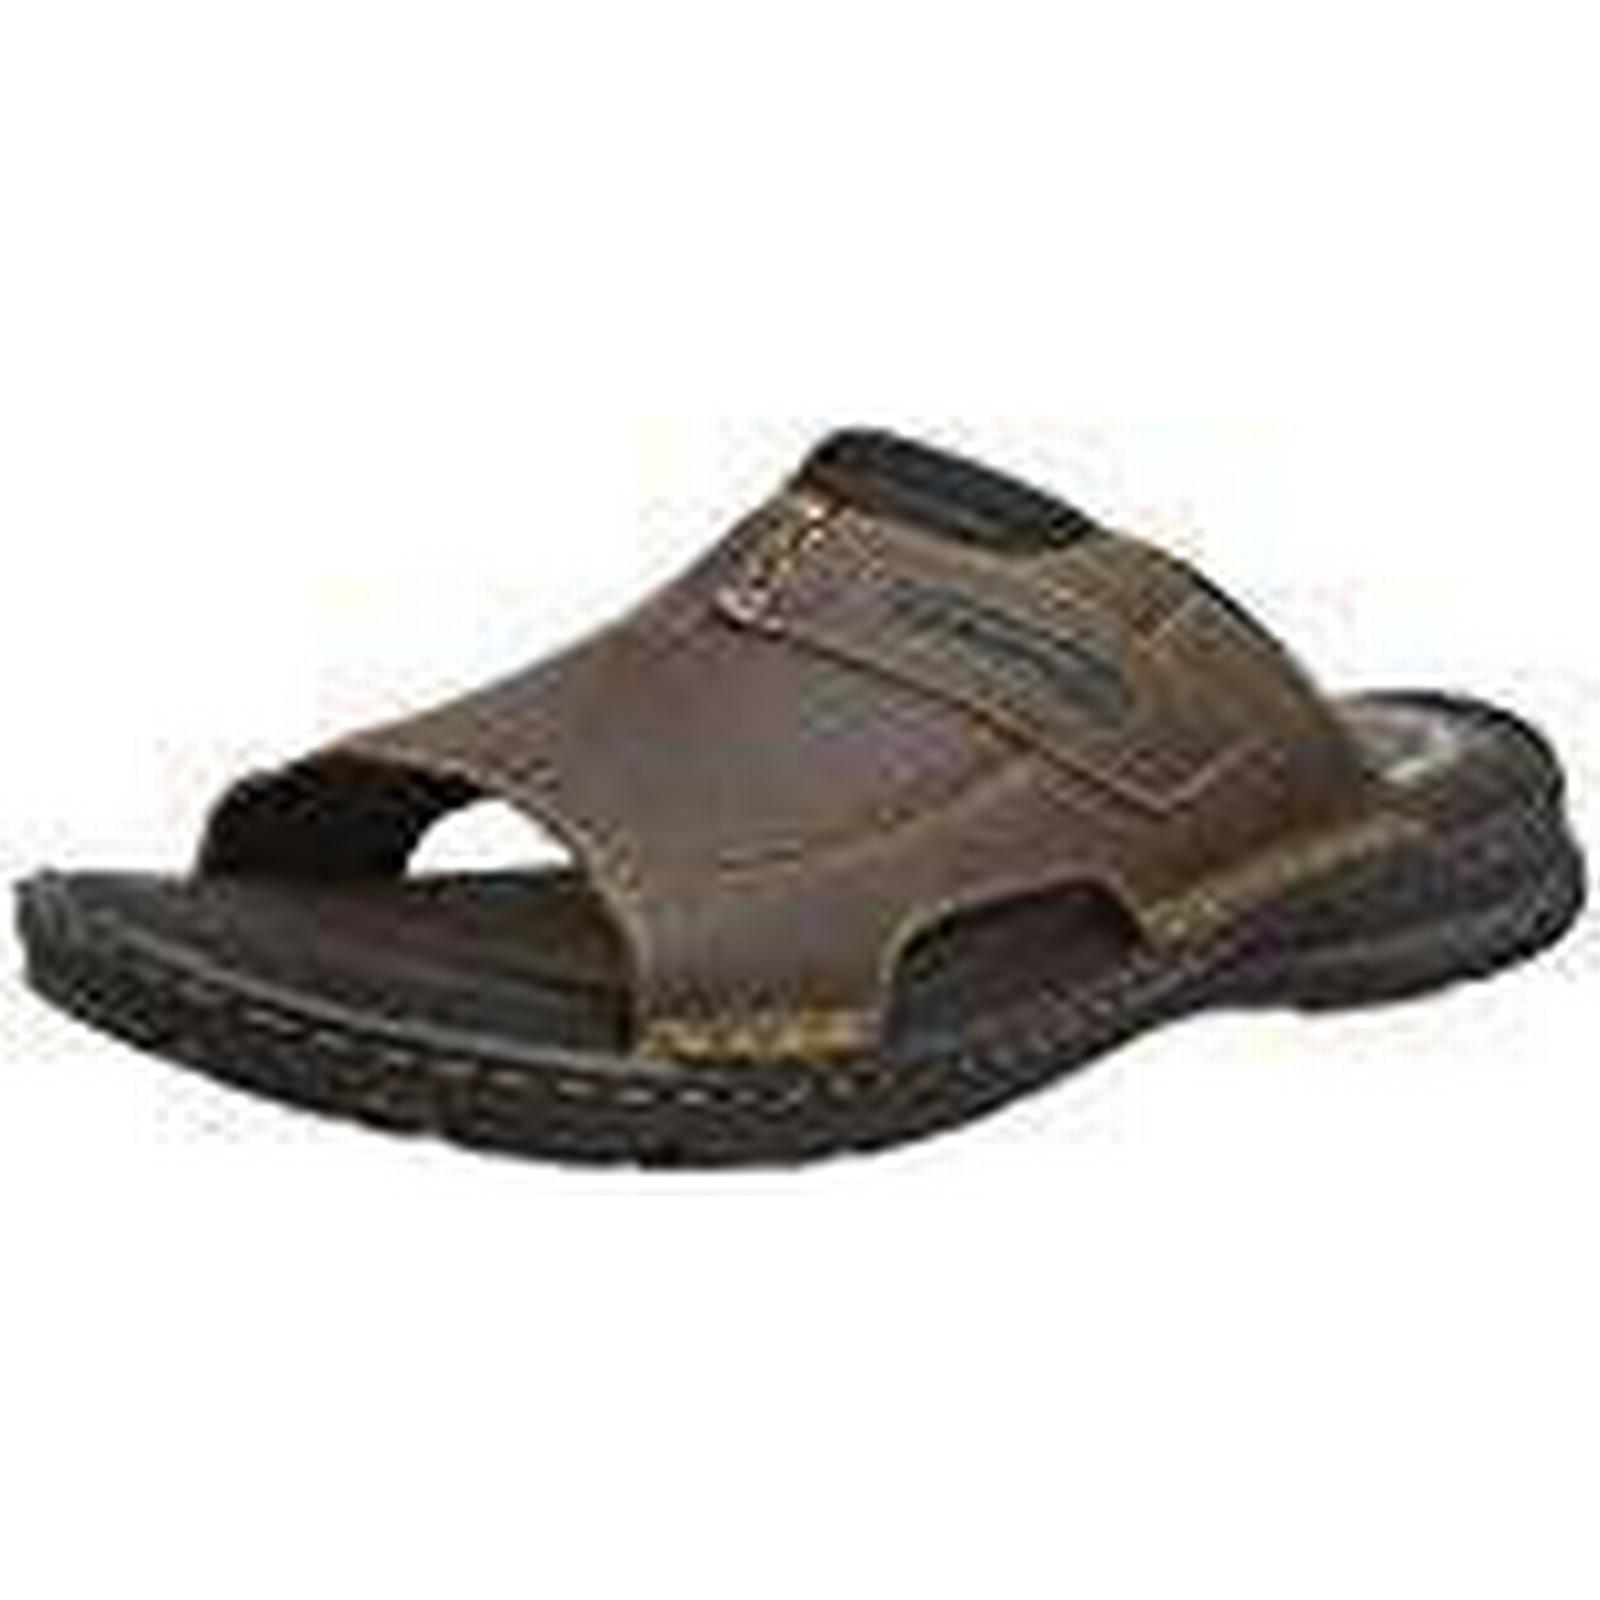 Rockport Men's Darwyn Slide 2 Brown Ii Lea Open Toe EU Sandals, 8 UK 41 EU Toe 1f49c8